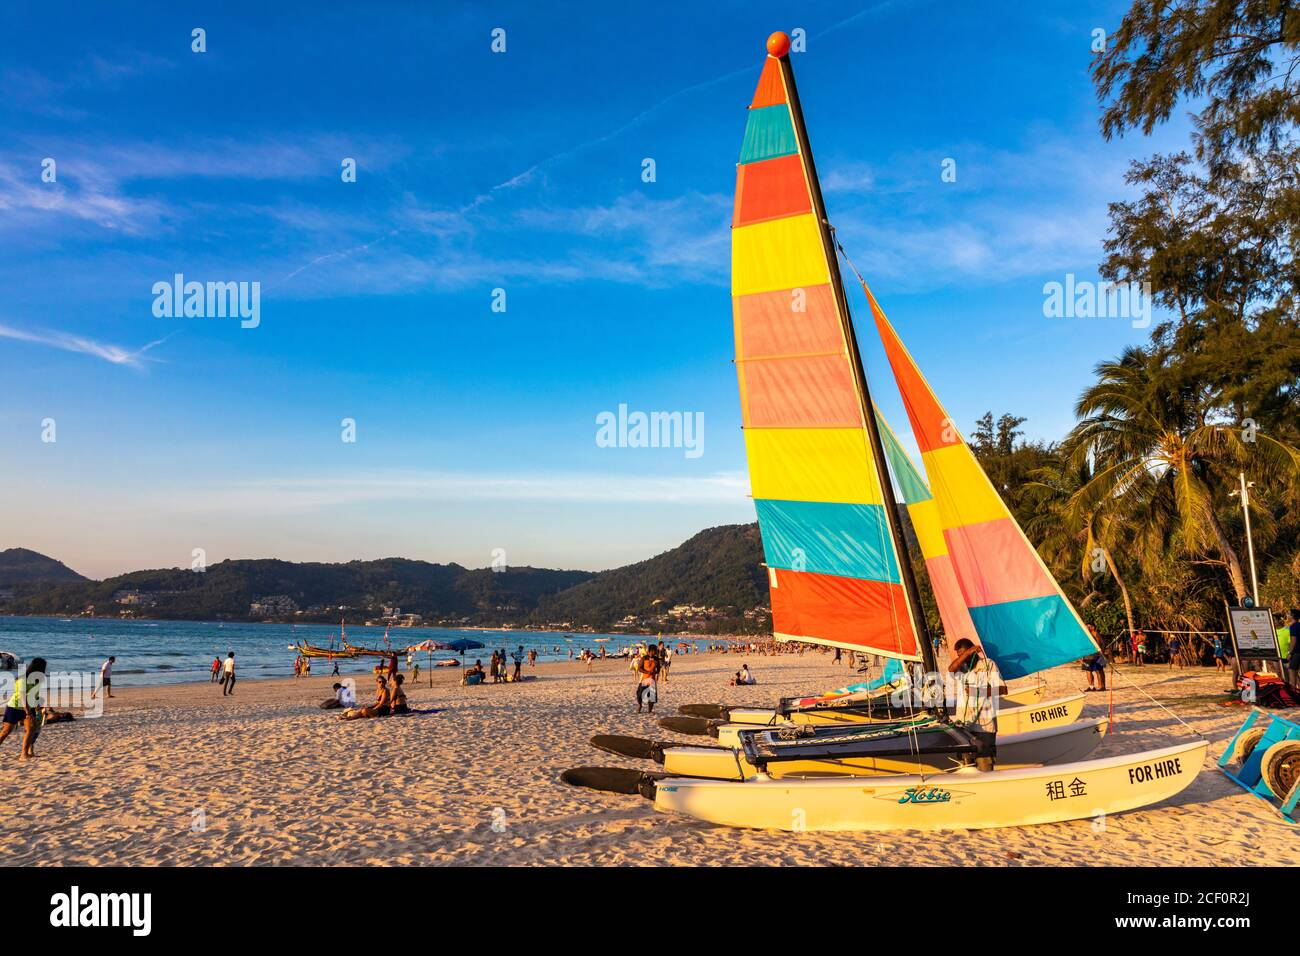 Location de bateau à voile sur la plage de Patong, Phuket, Thaïlande Banque D'Images